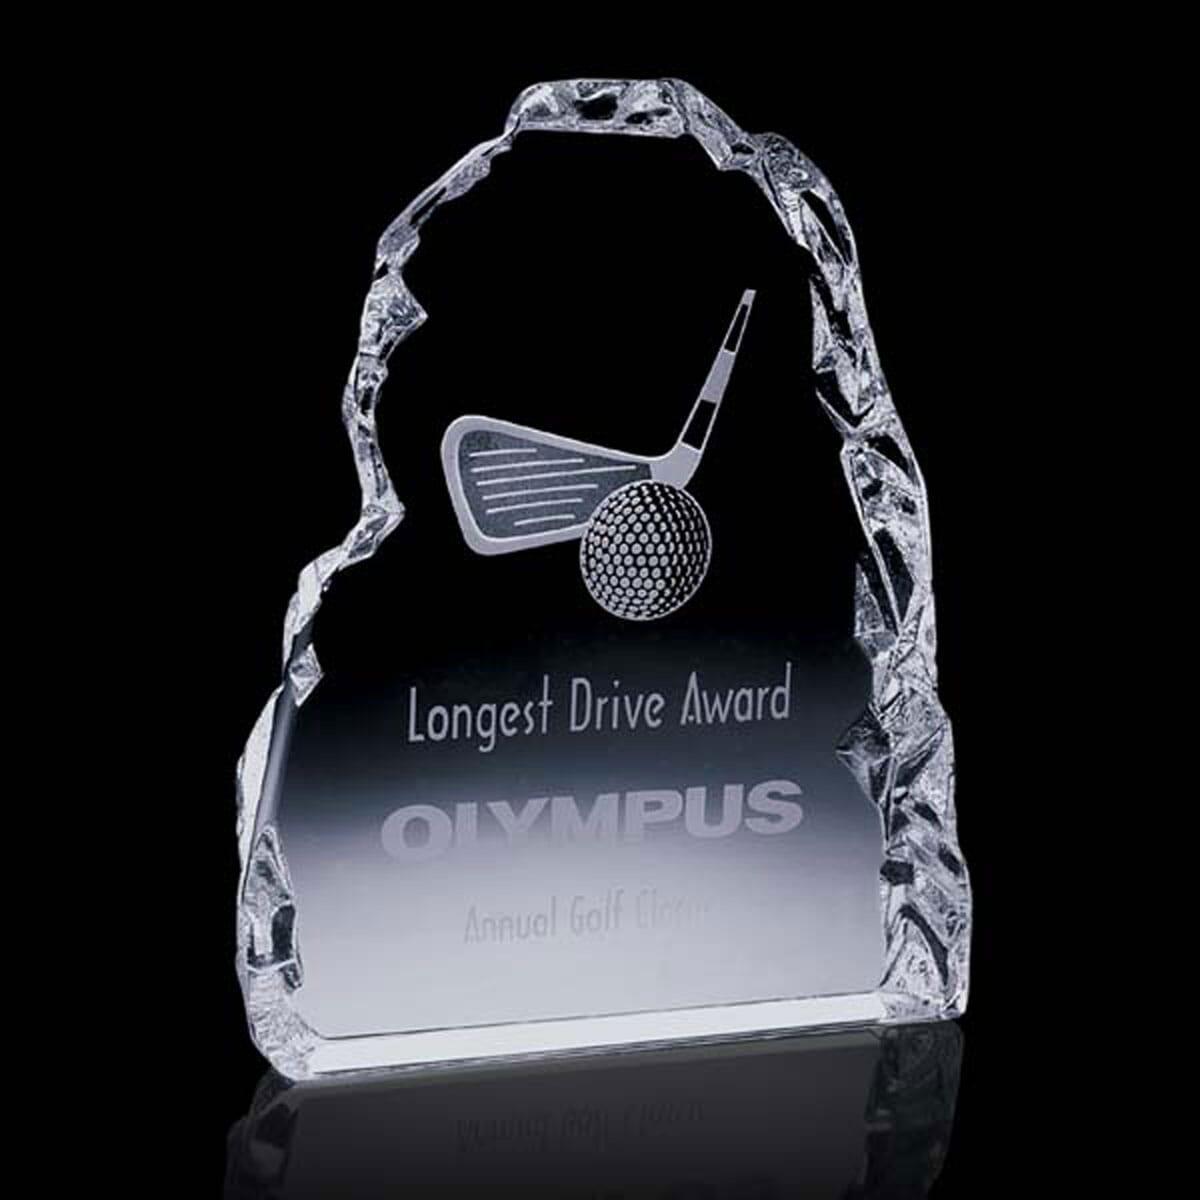 Laser Engraved Golf Award